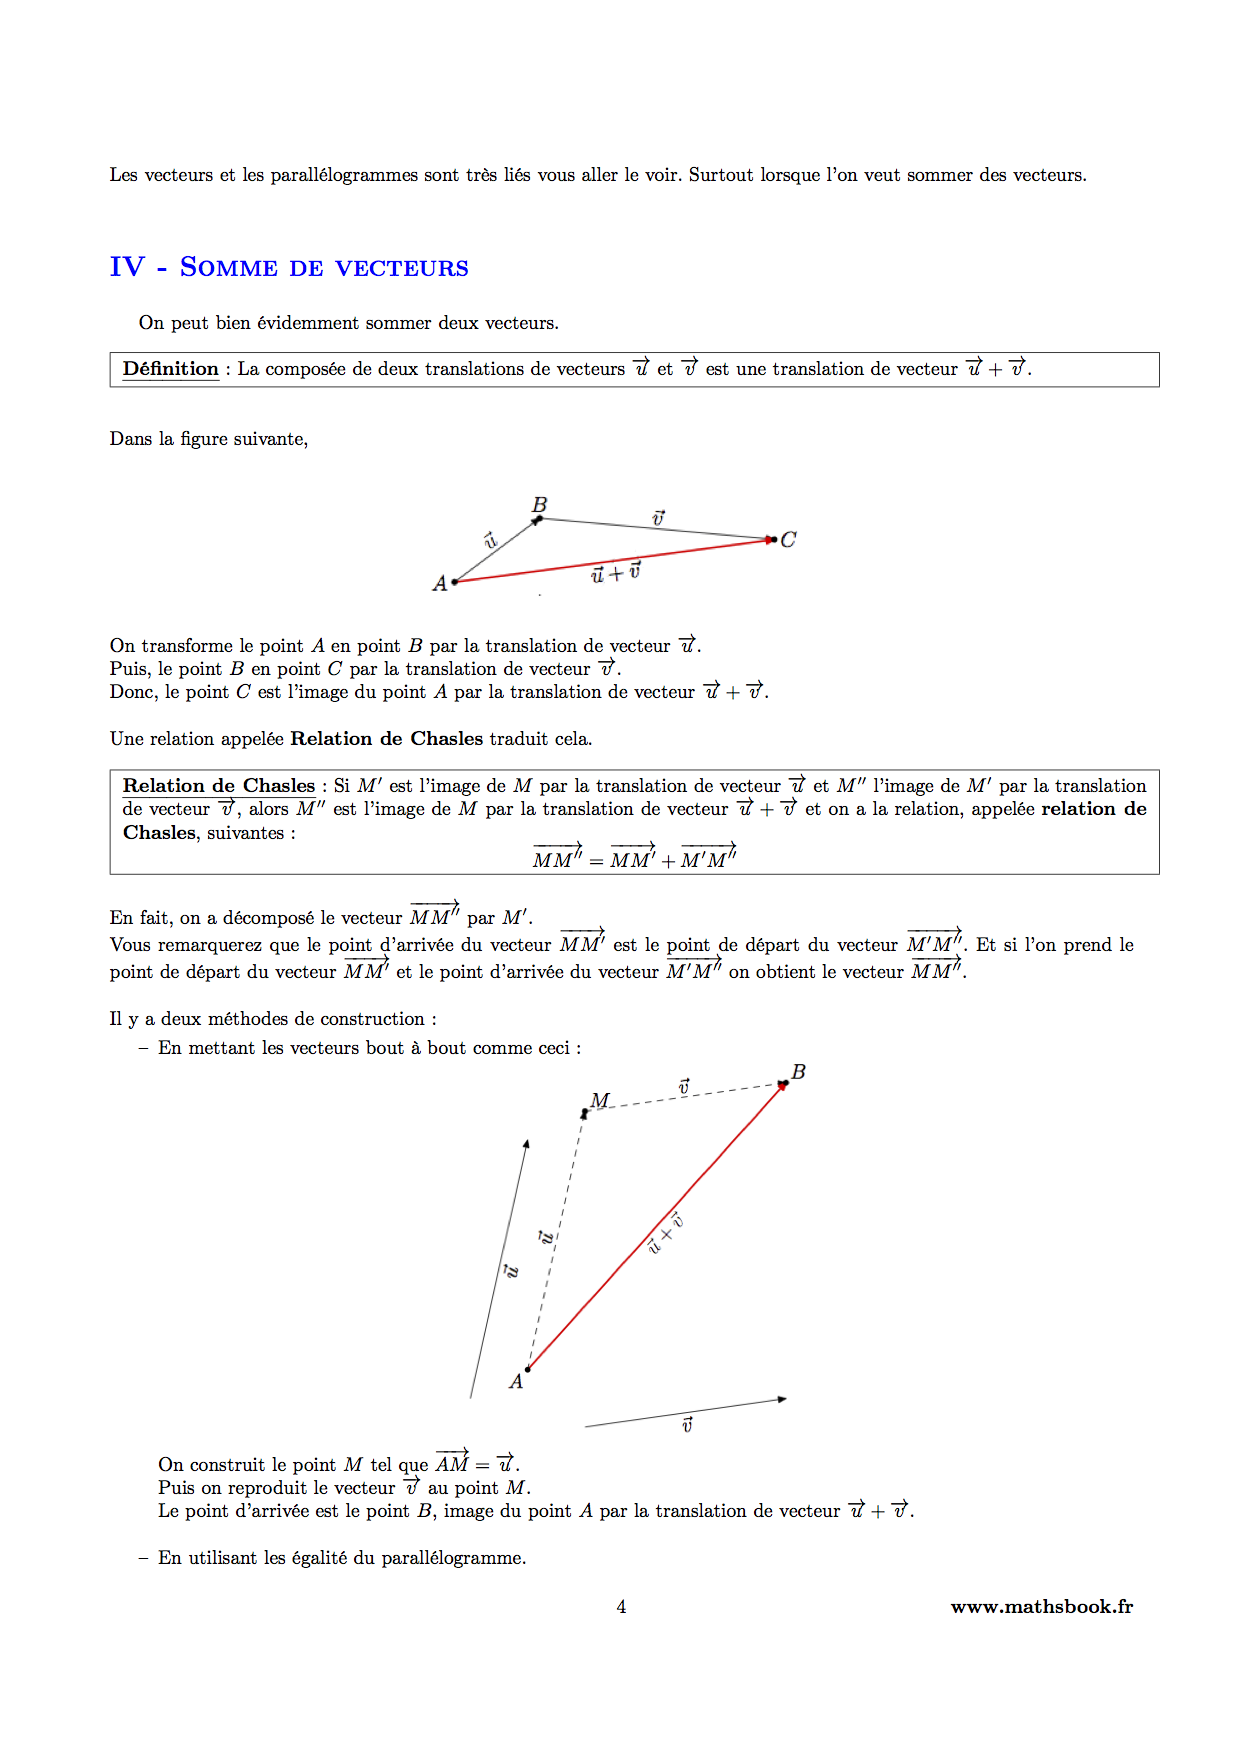 exercice de math 3eme pdf